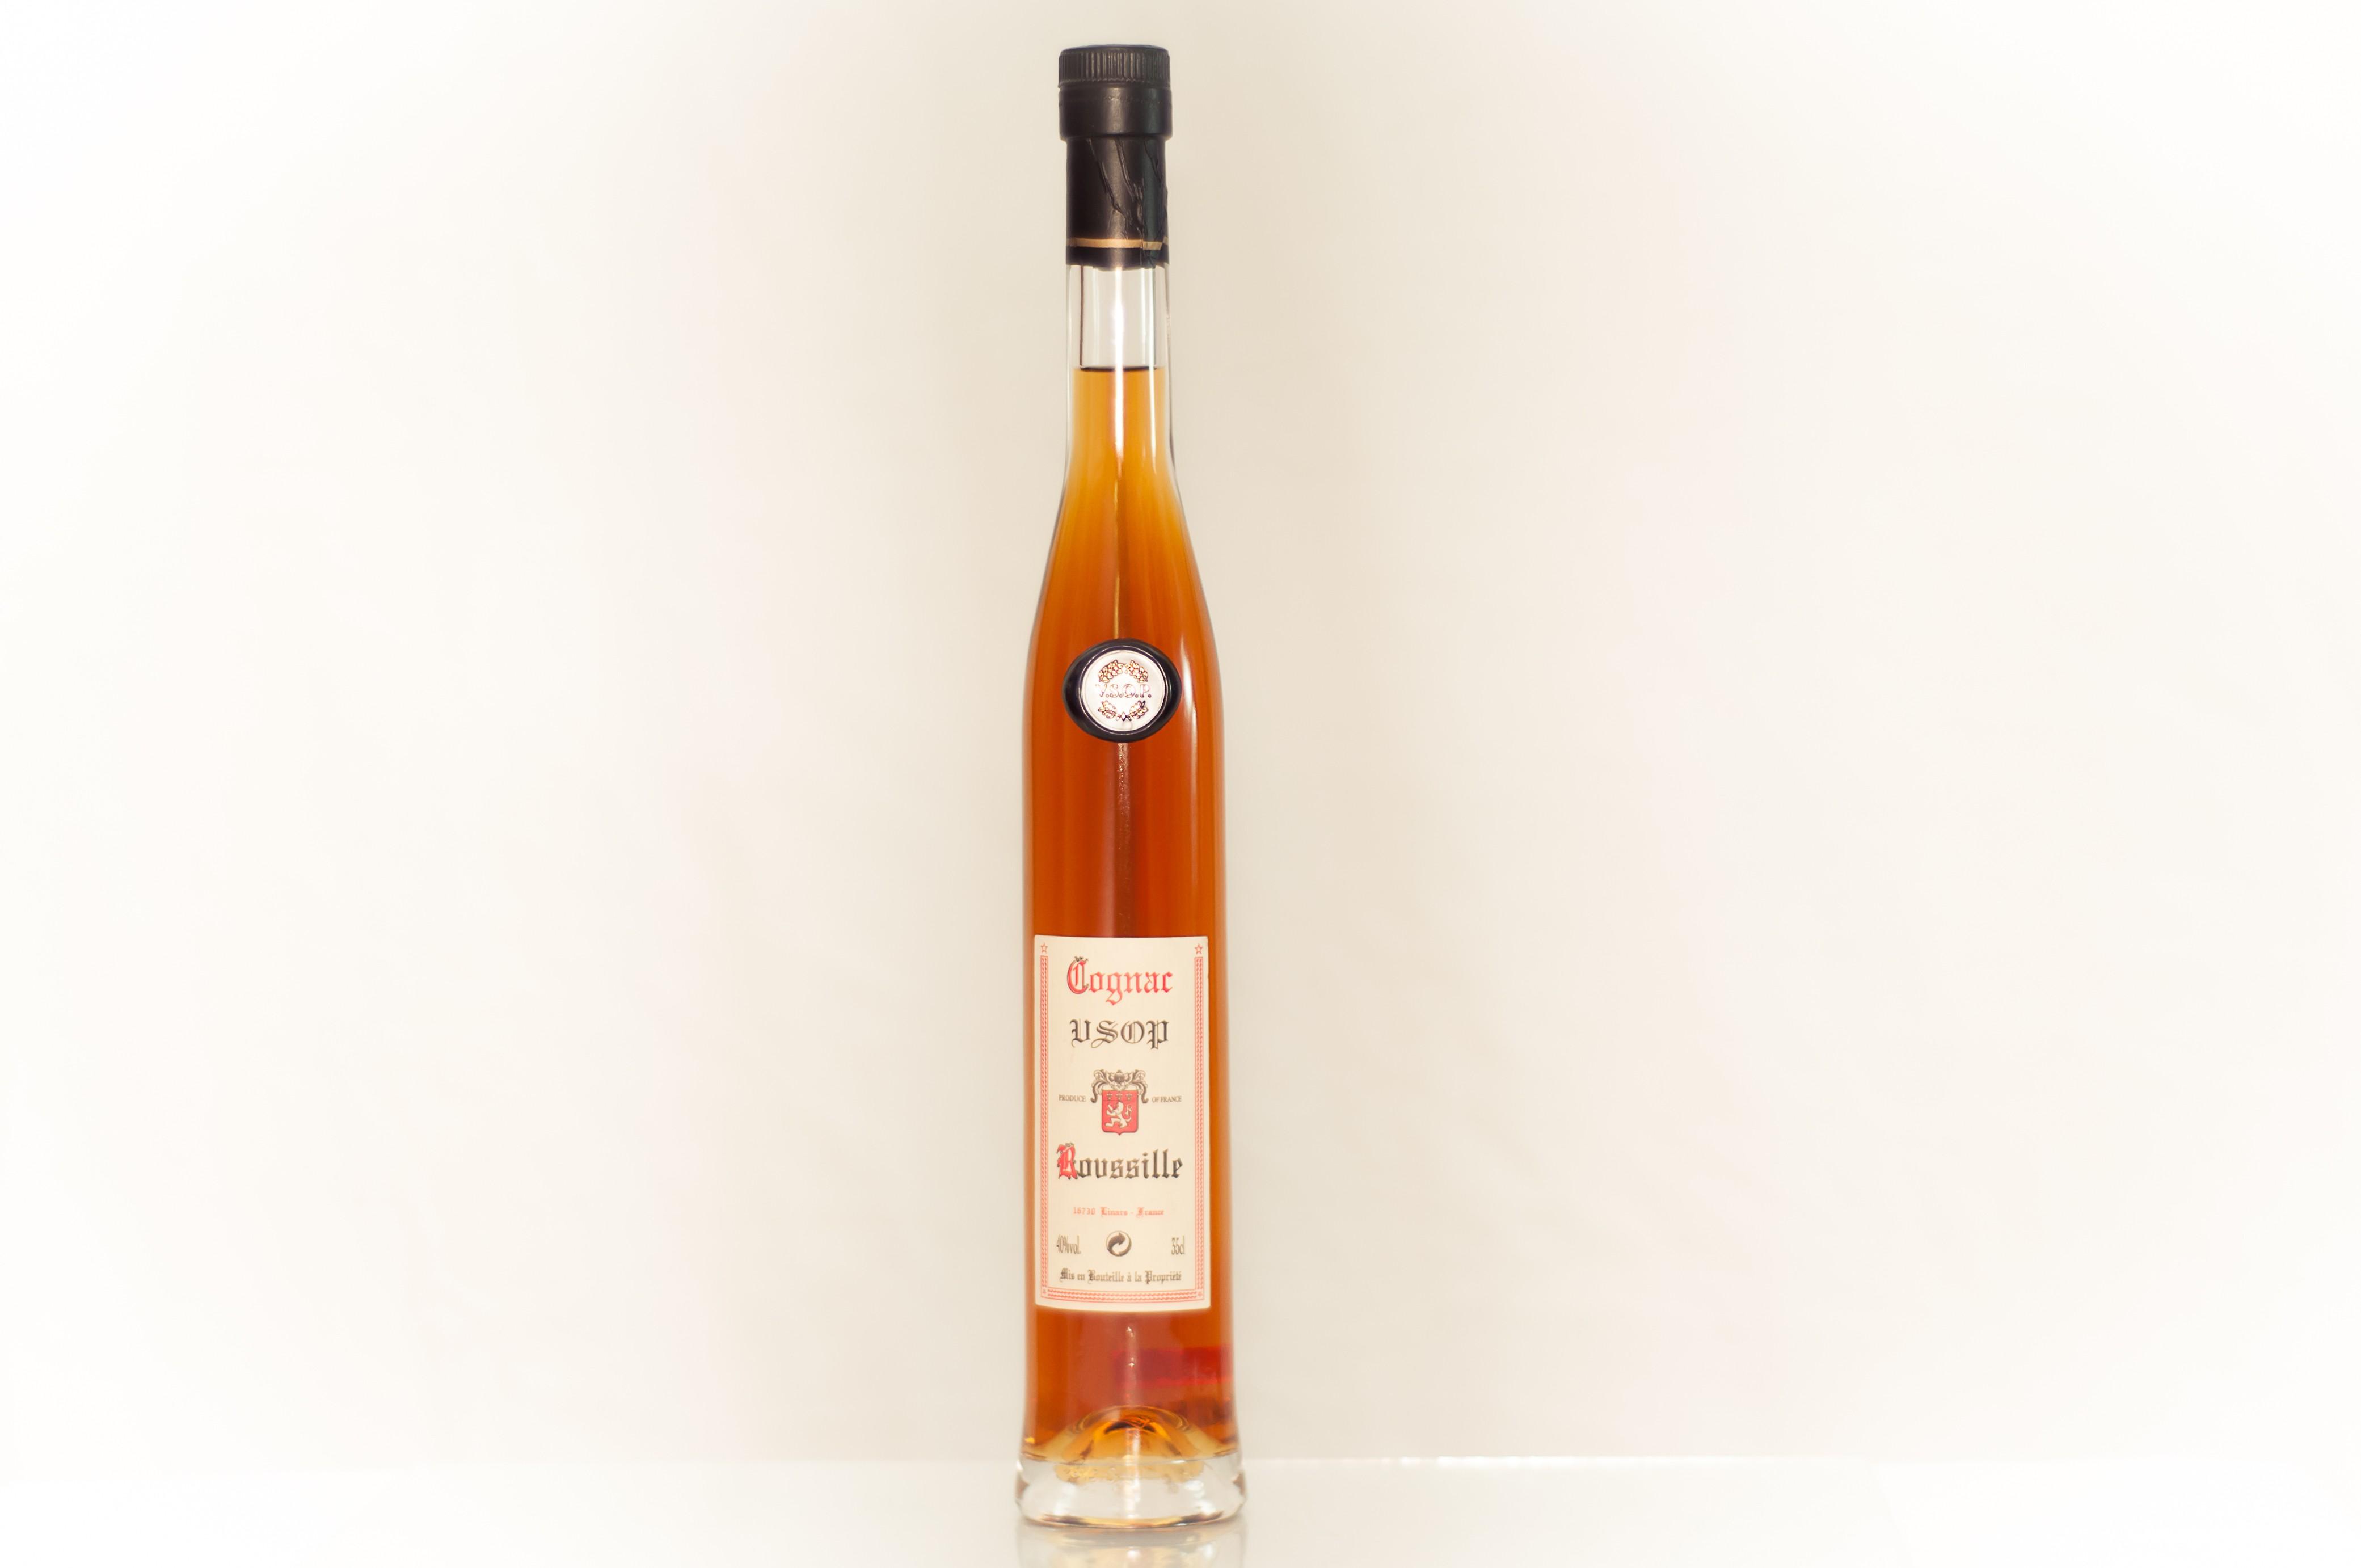 Cognac VSOP flûte 35 cL